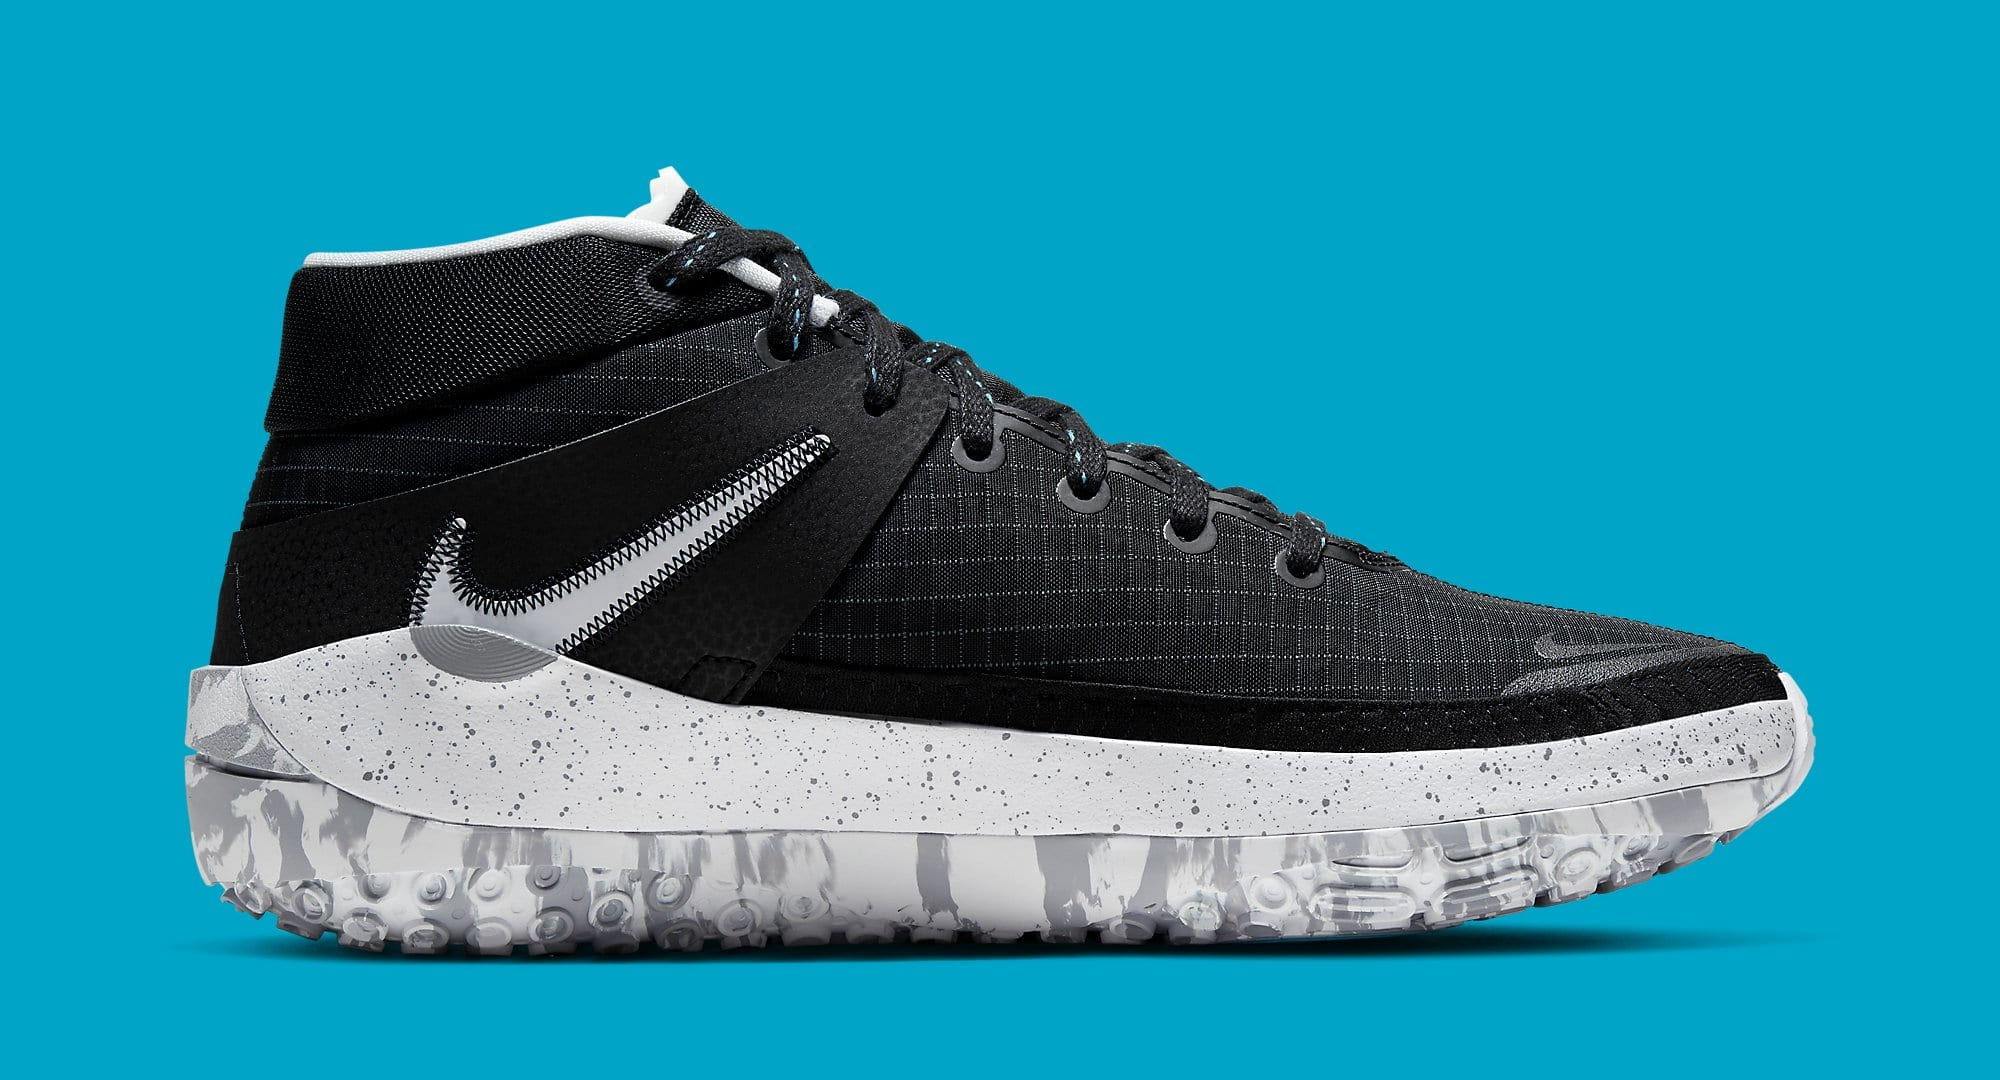 Nike Zoom KD 13 Black CI9948-001 Medial